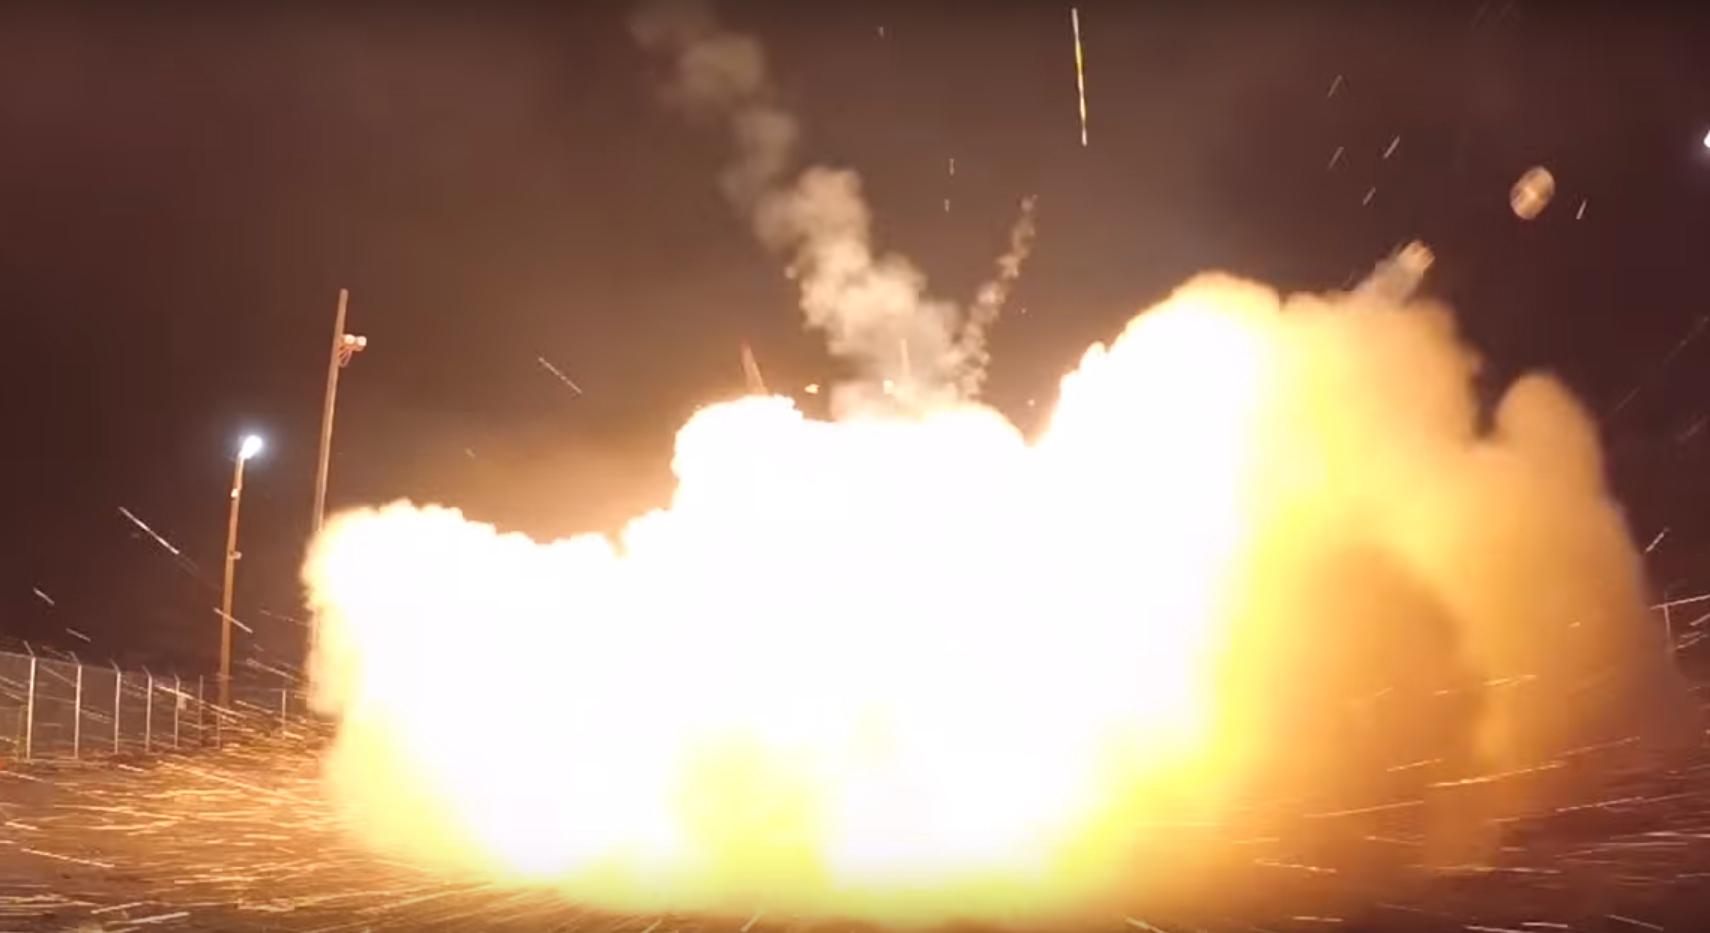 알래스카 사드 기지에서 요격 미사일이 발사되고 있다[유튜브 캡쳐]